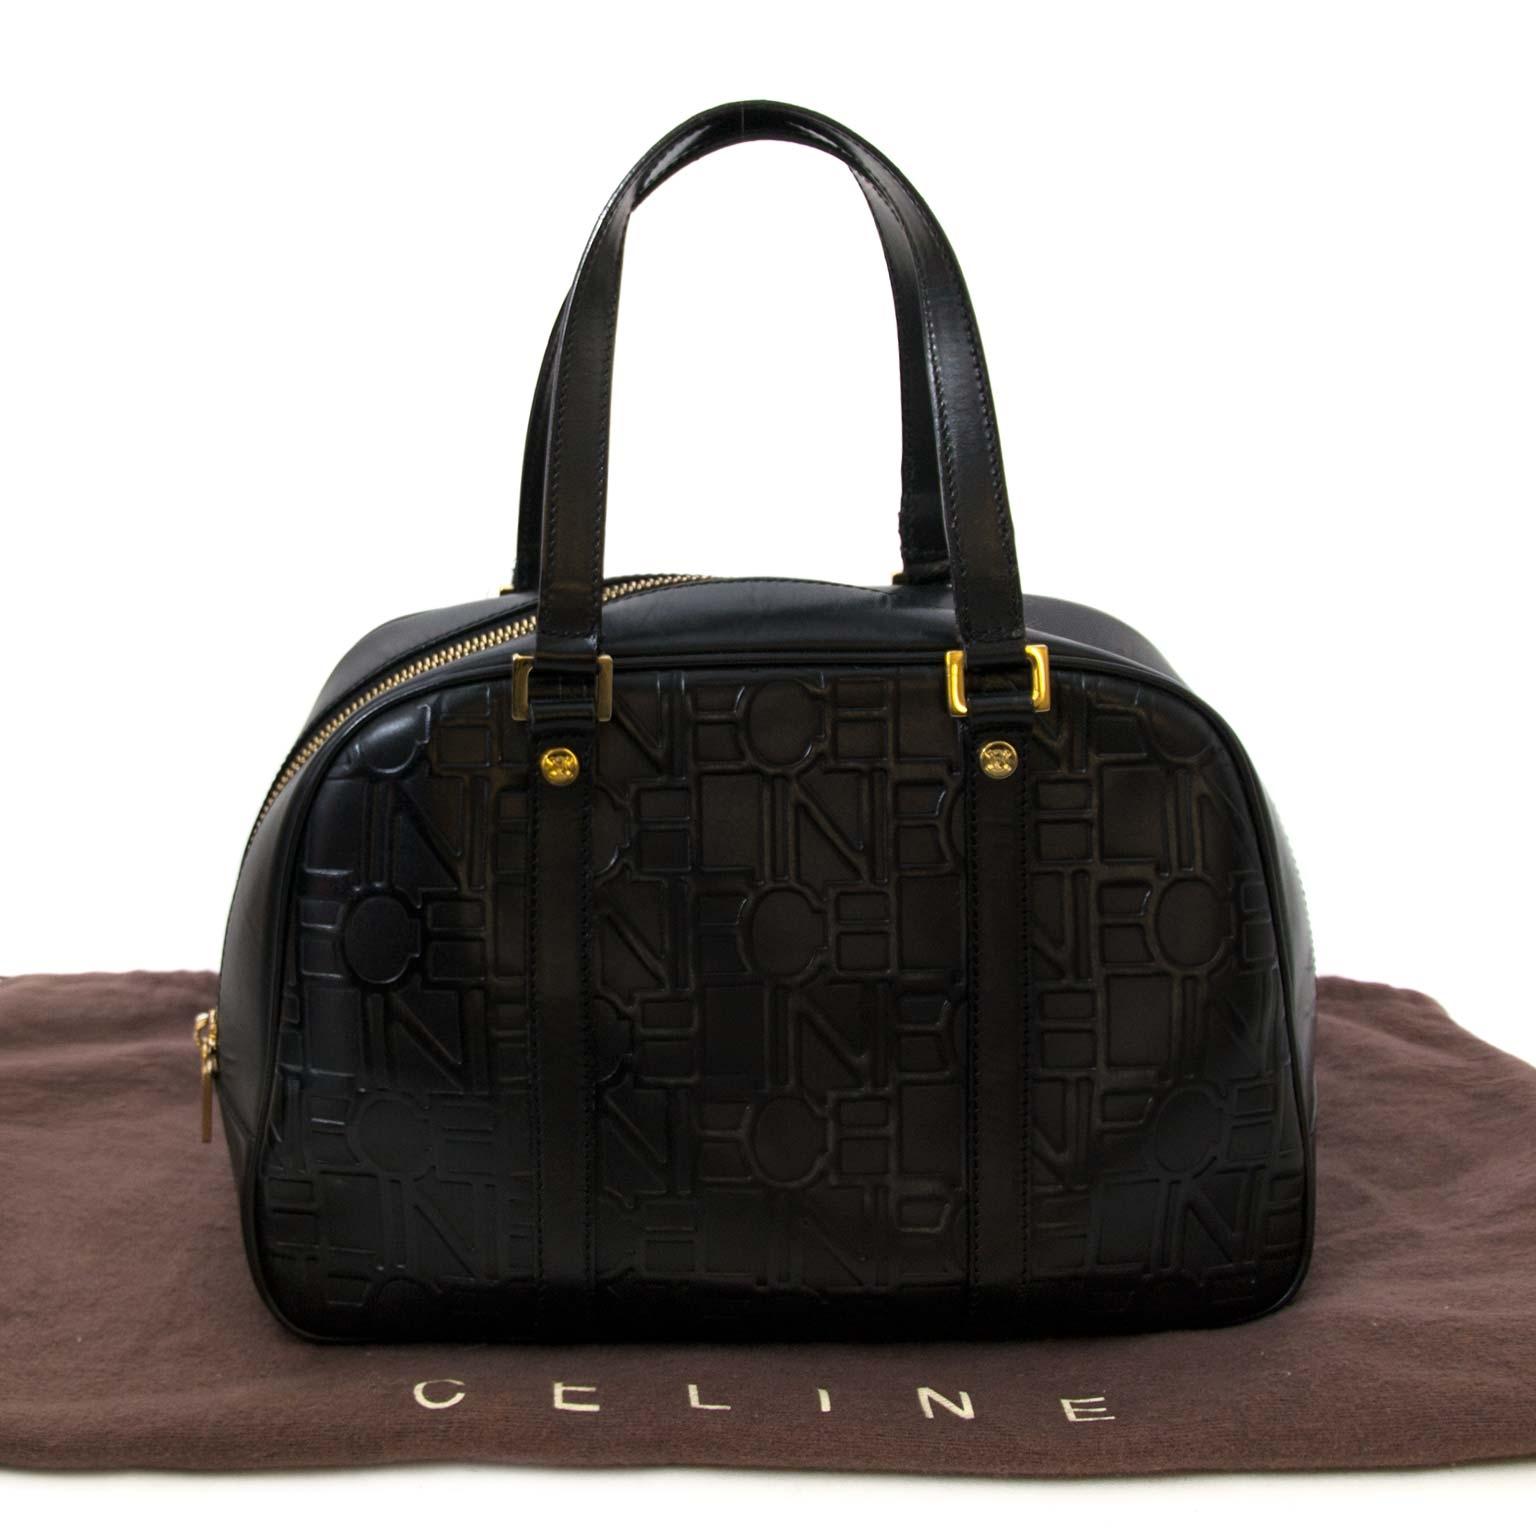 koop veilig online tegen de beste prijs Celine Black Top Handle